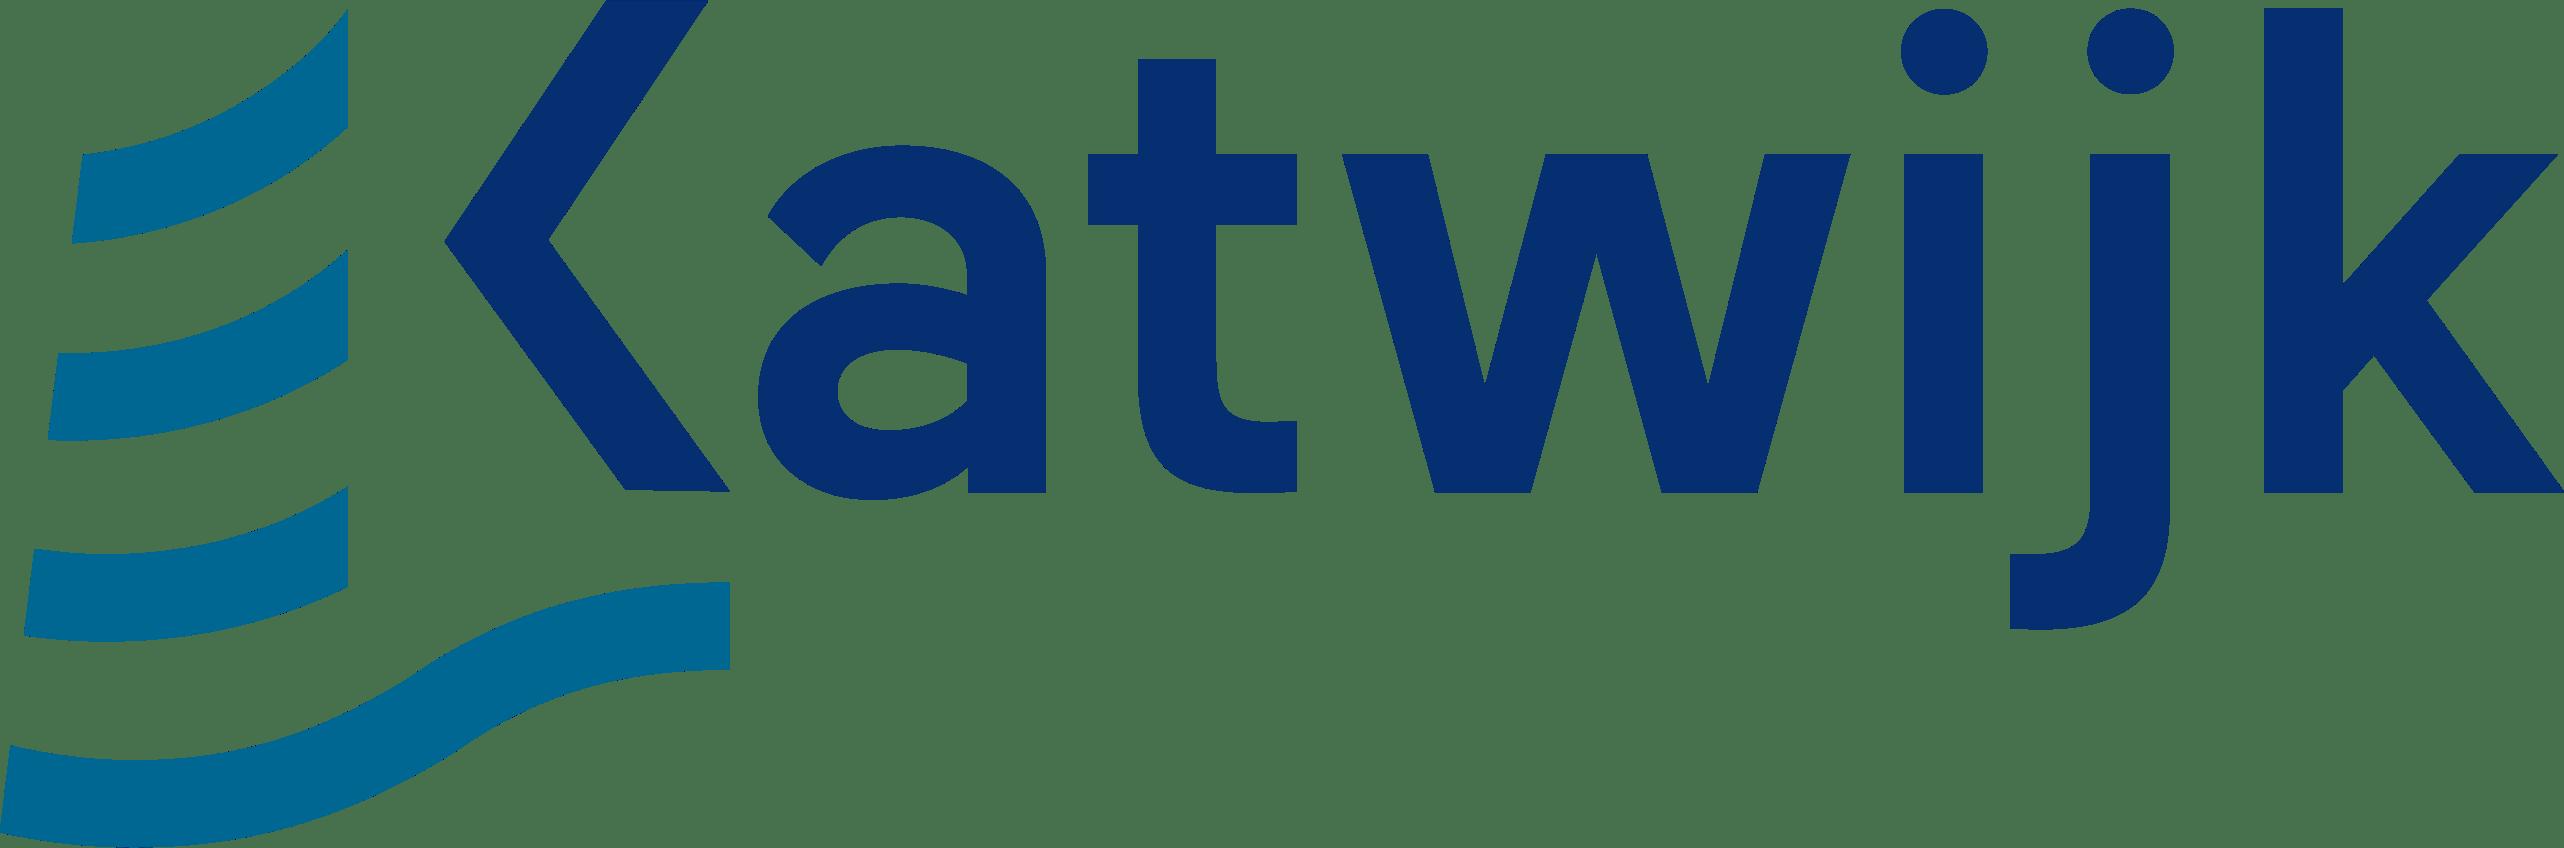 Gemeente Katwijk logo